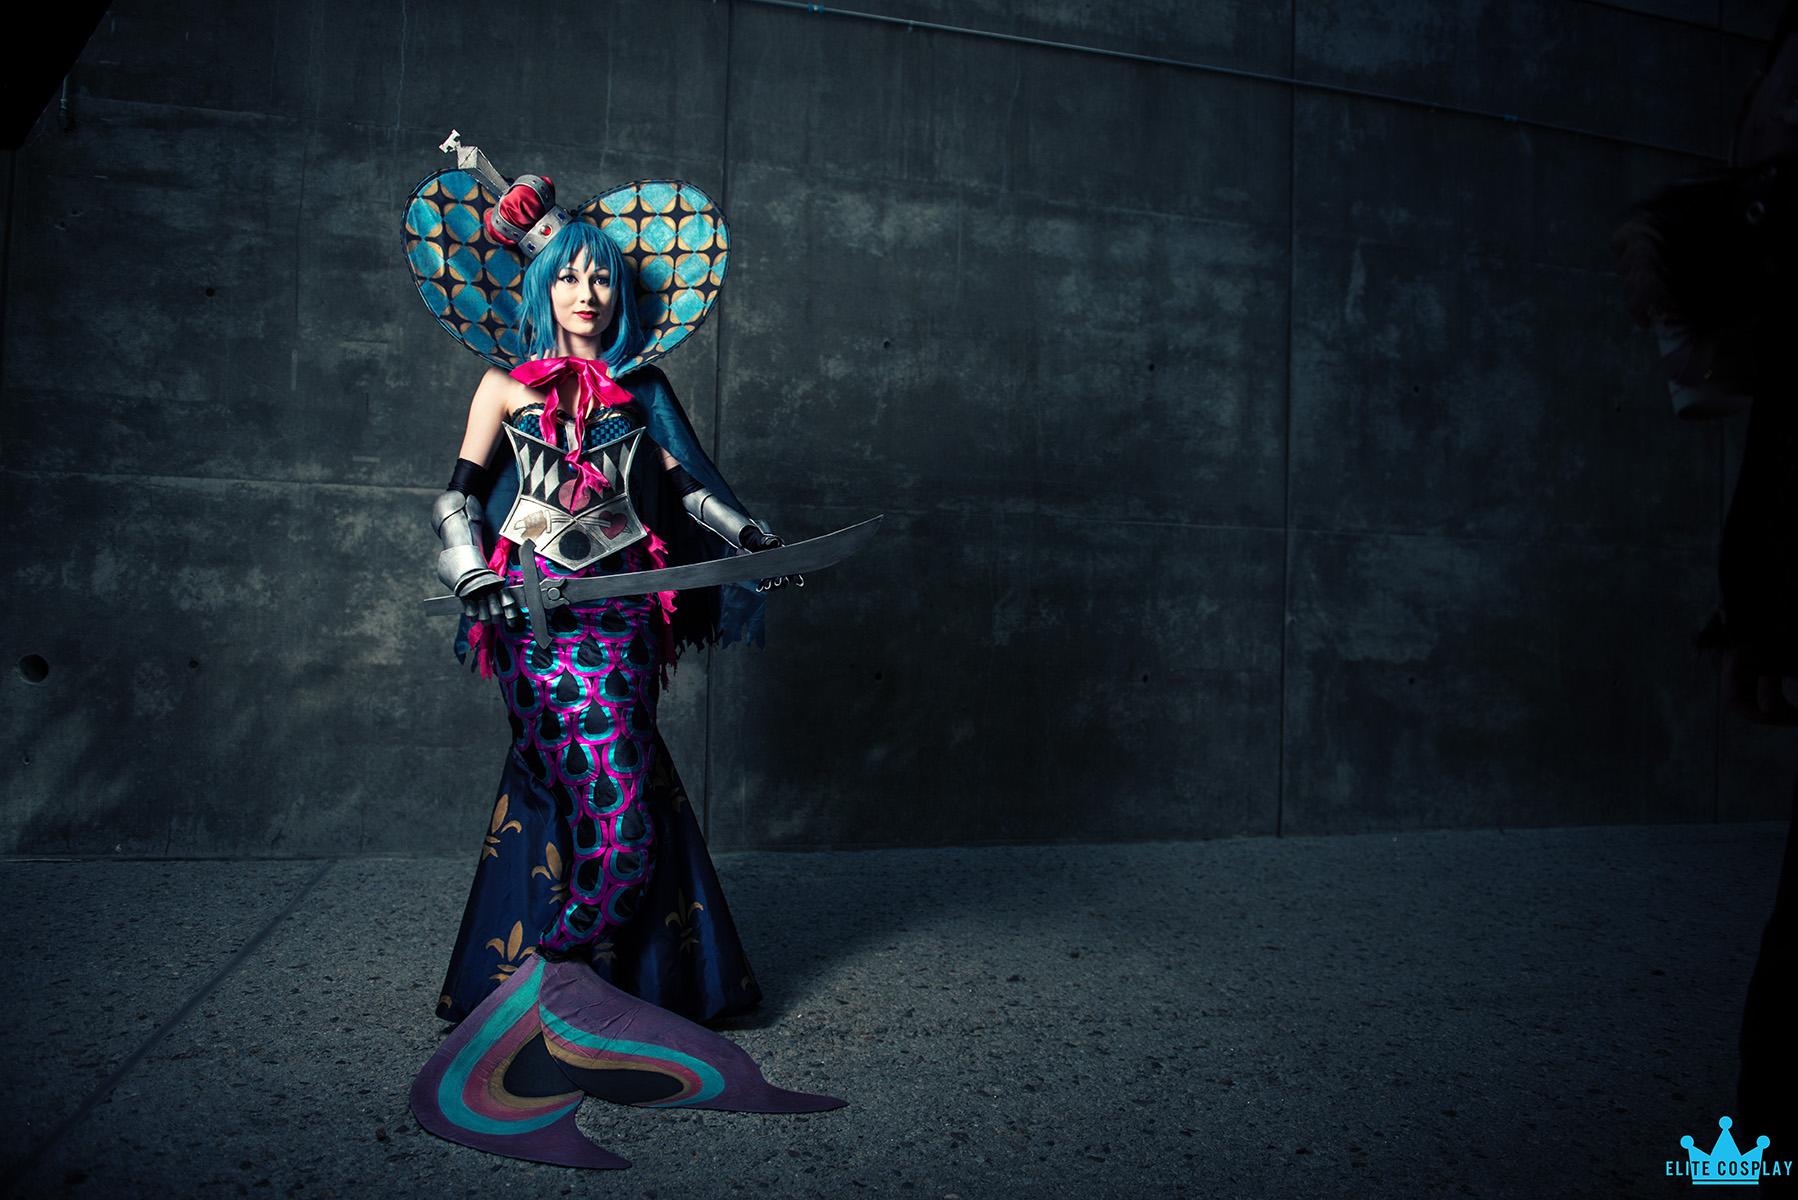 Sayaka Queen